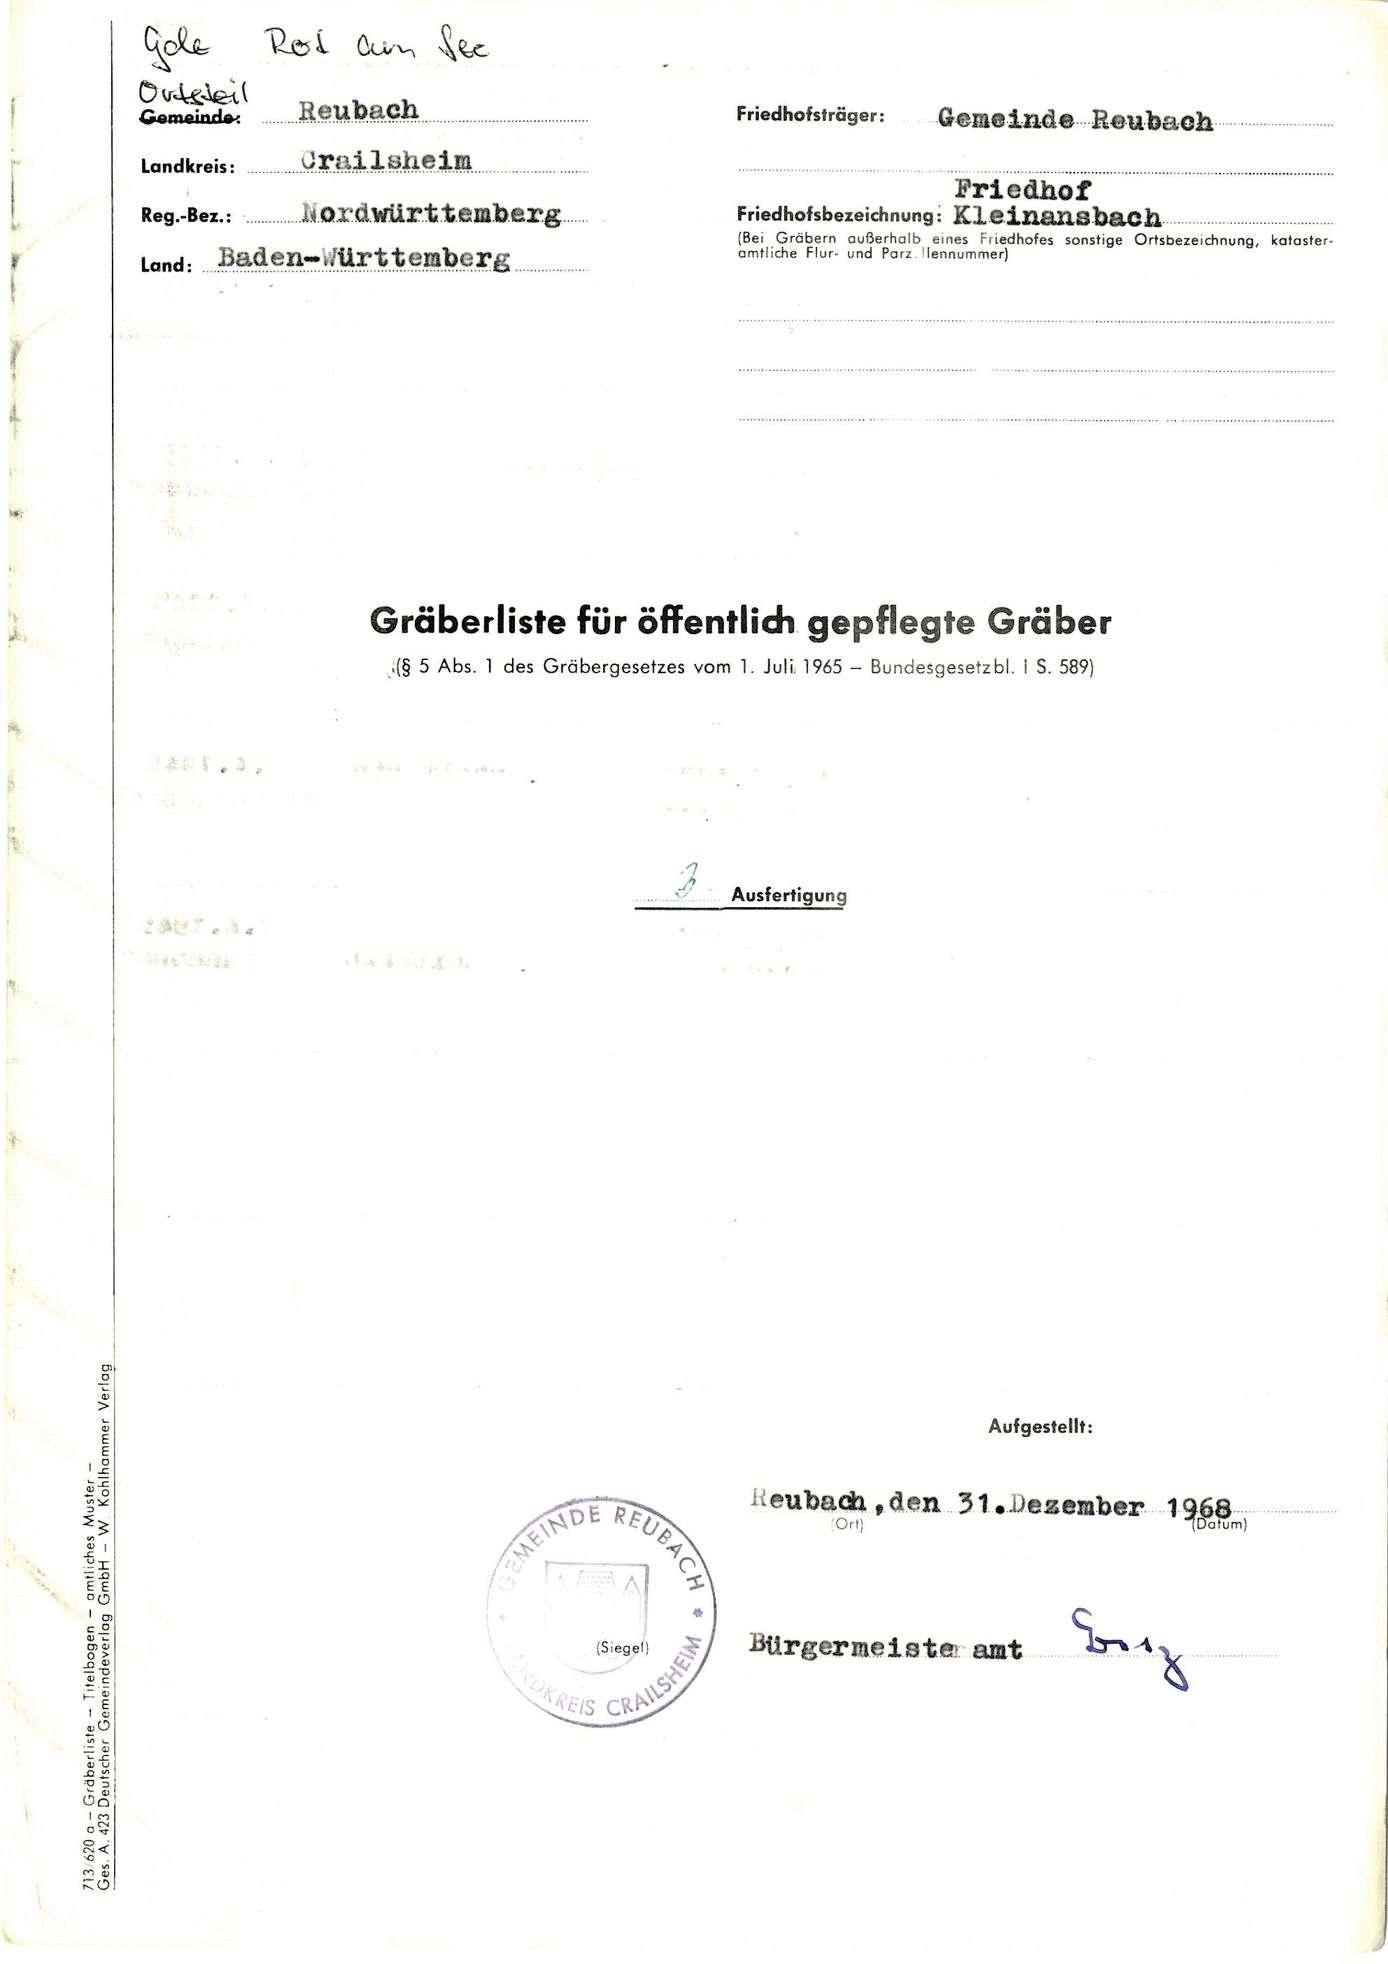 Reubach-Kleinansbach, Bild 1